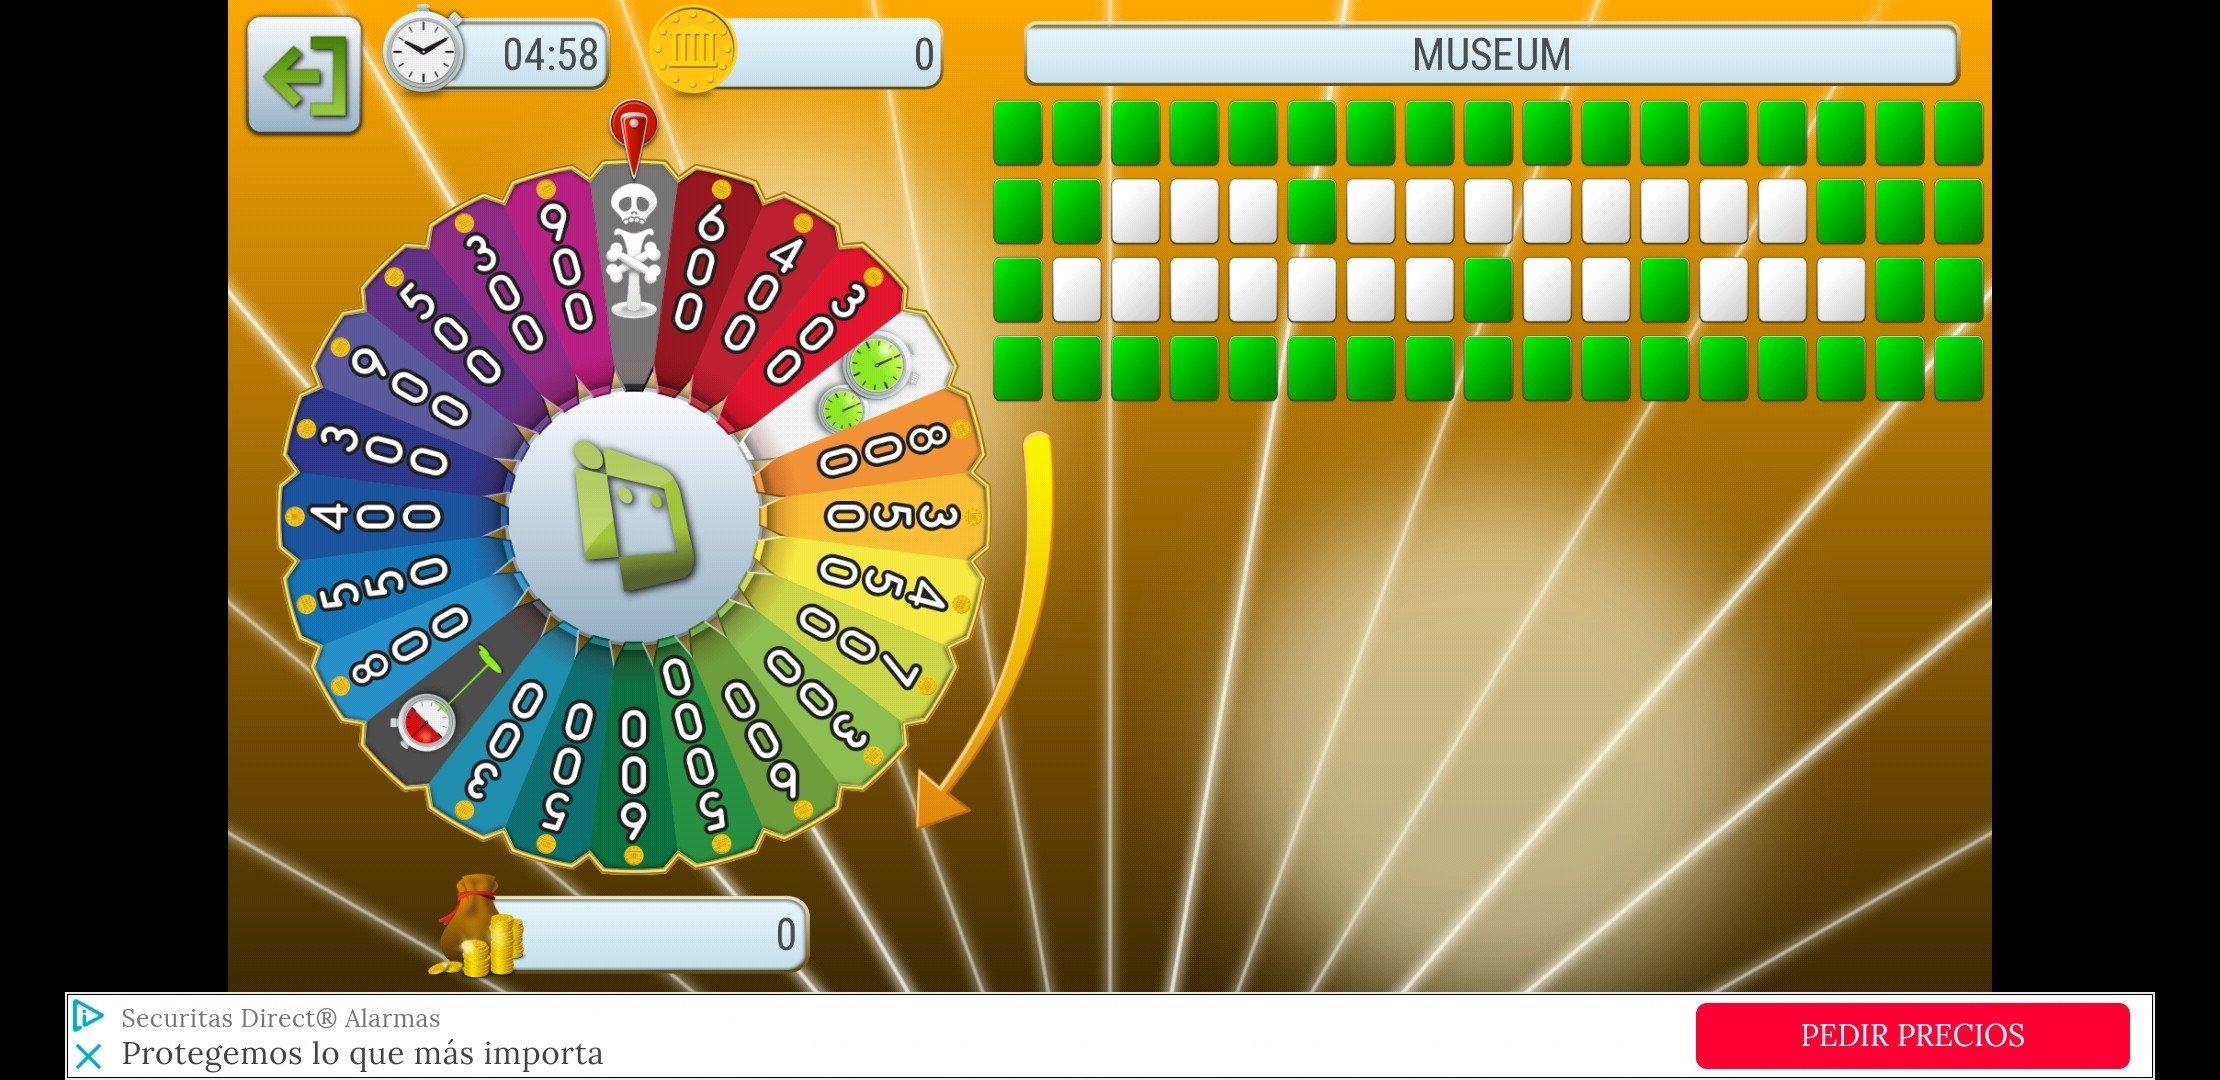 Ruleta rusa casino online confiable Braga-200800